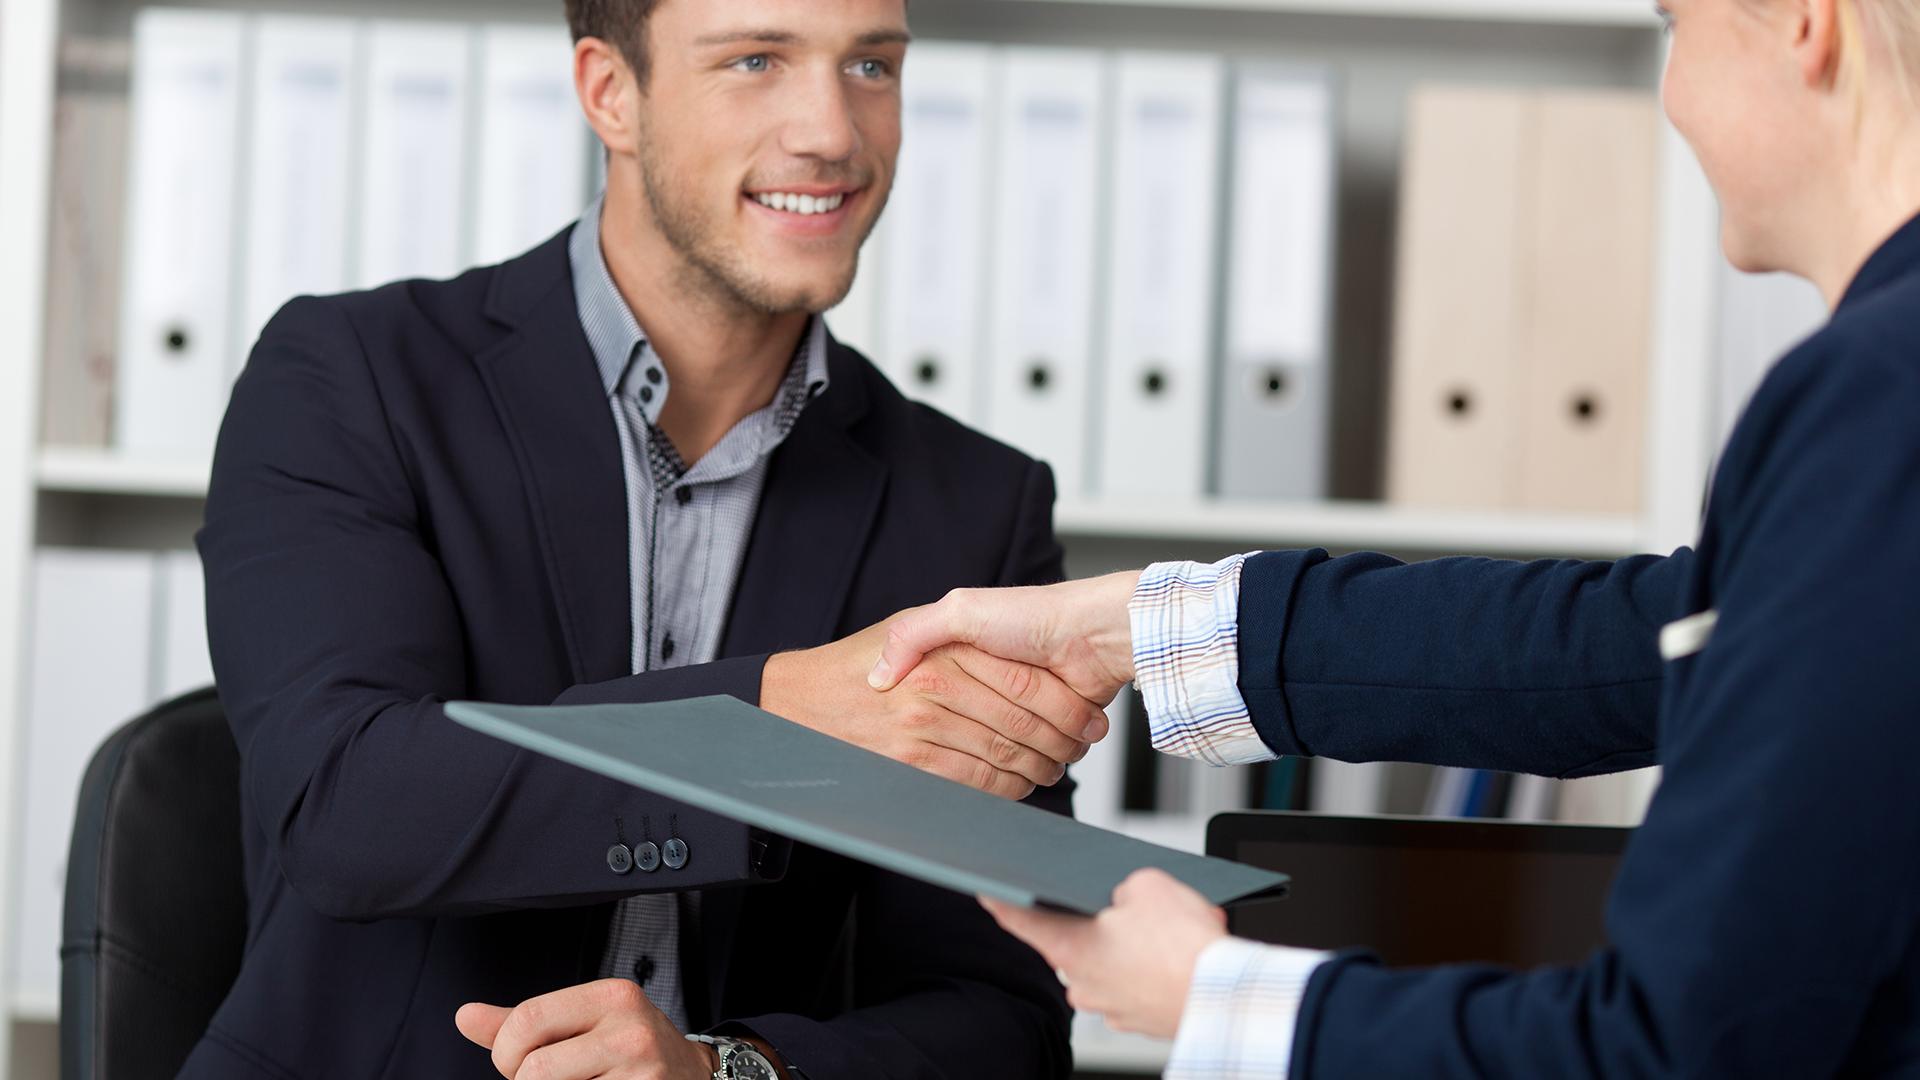 Recursos Humanos: Como reter talentos na sua empresa?